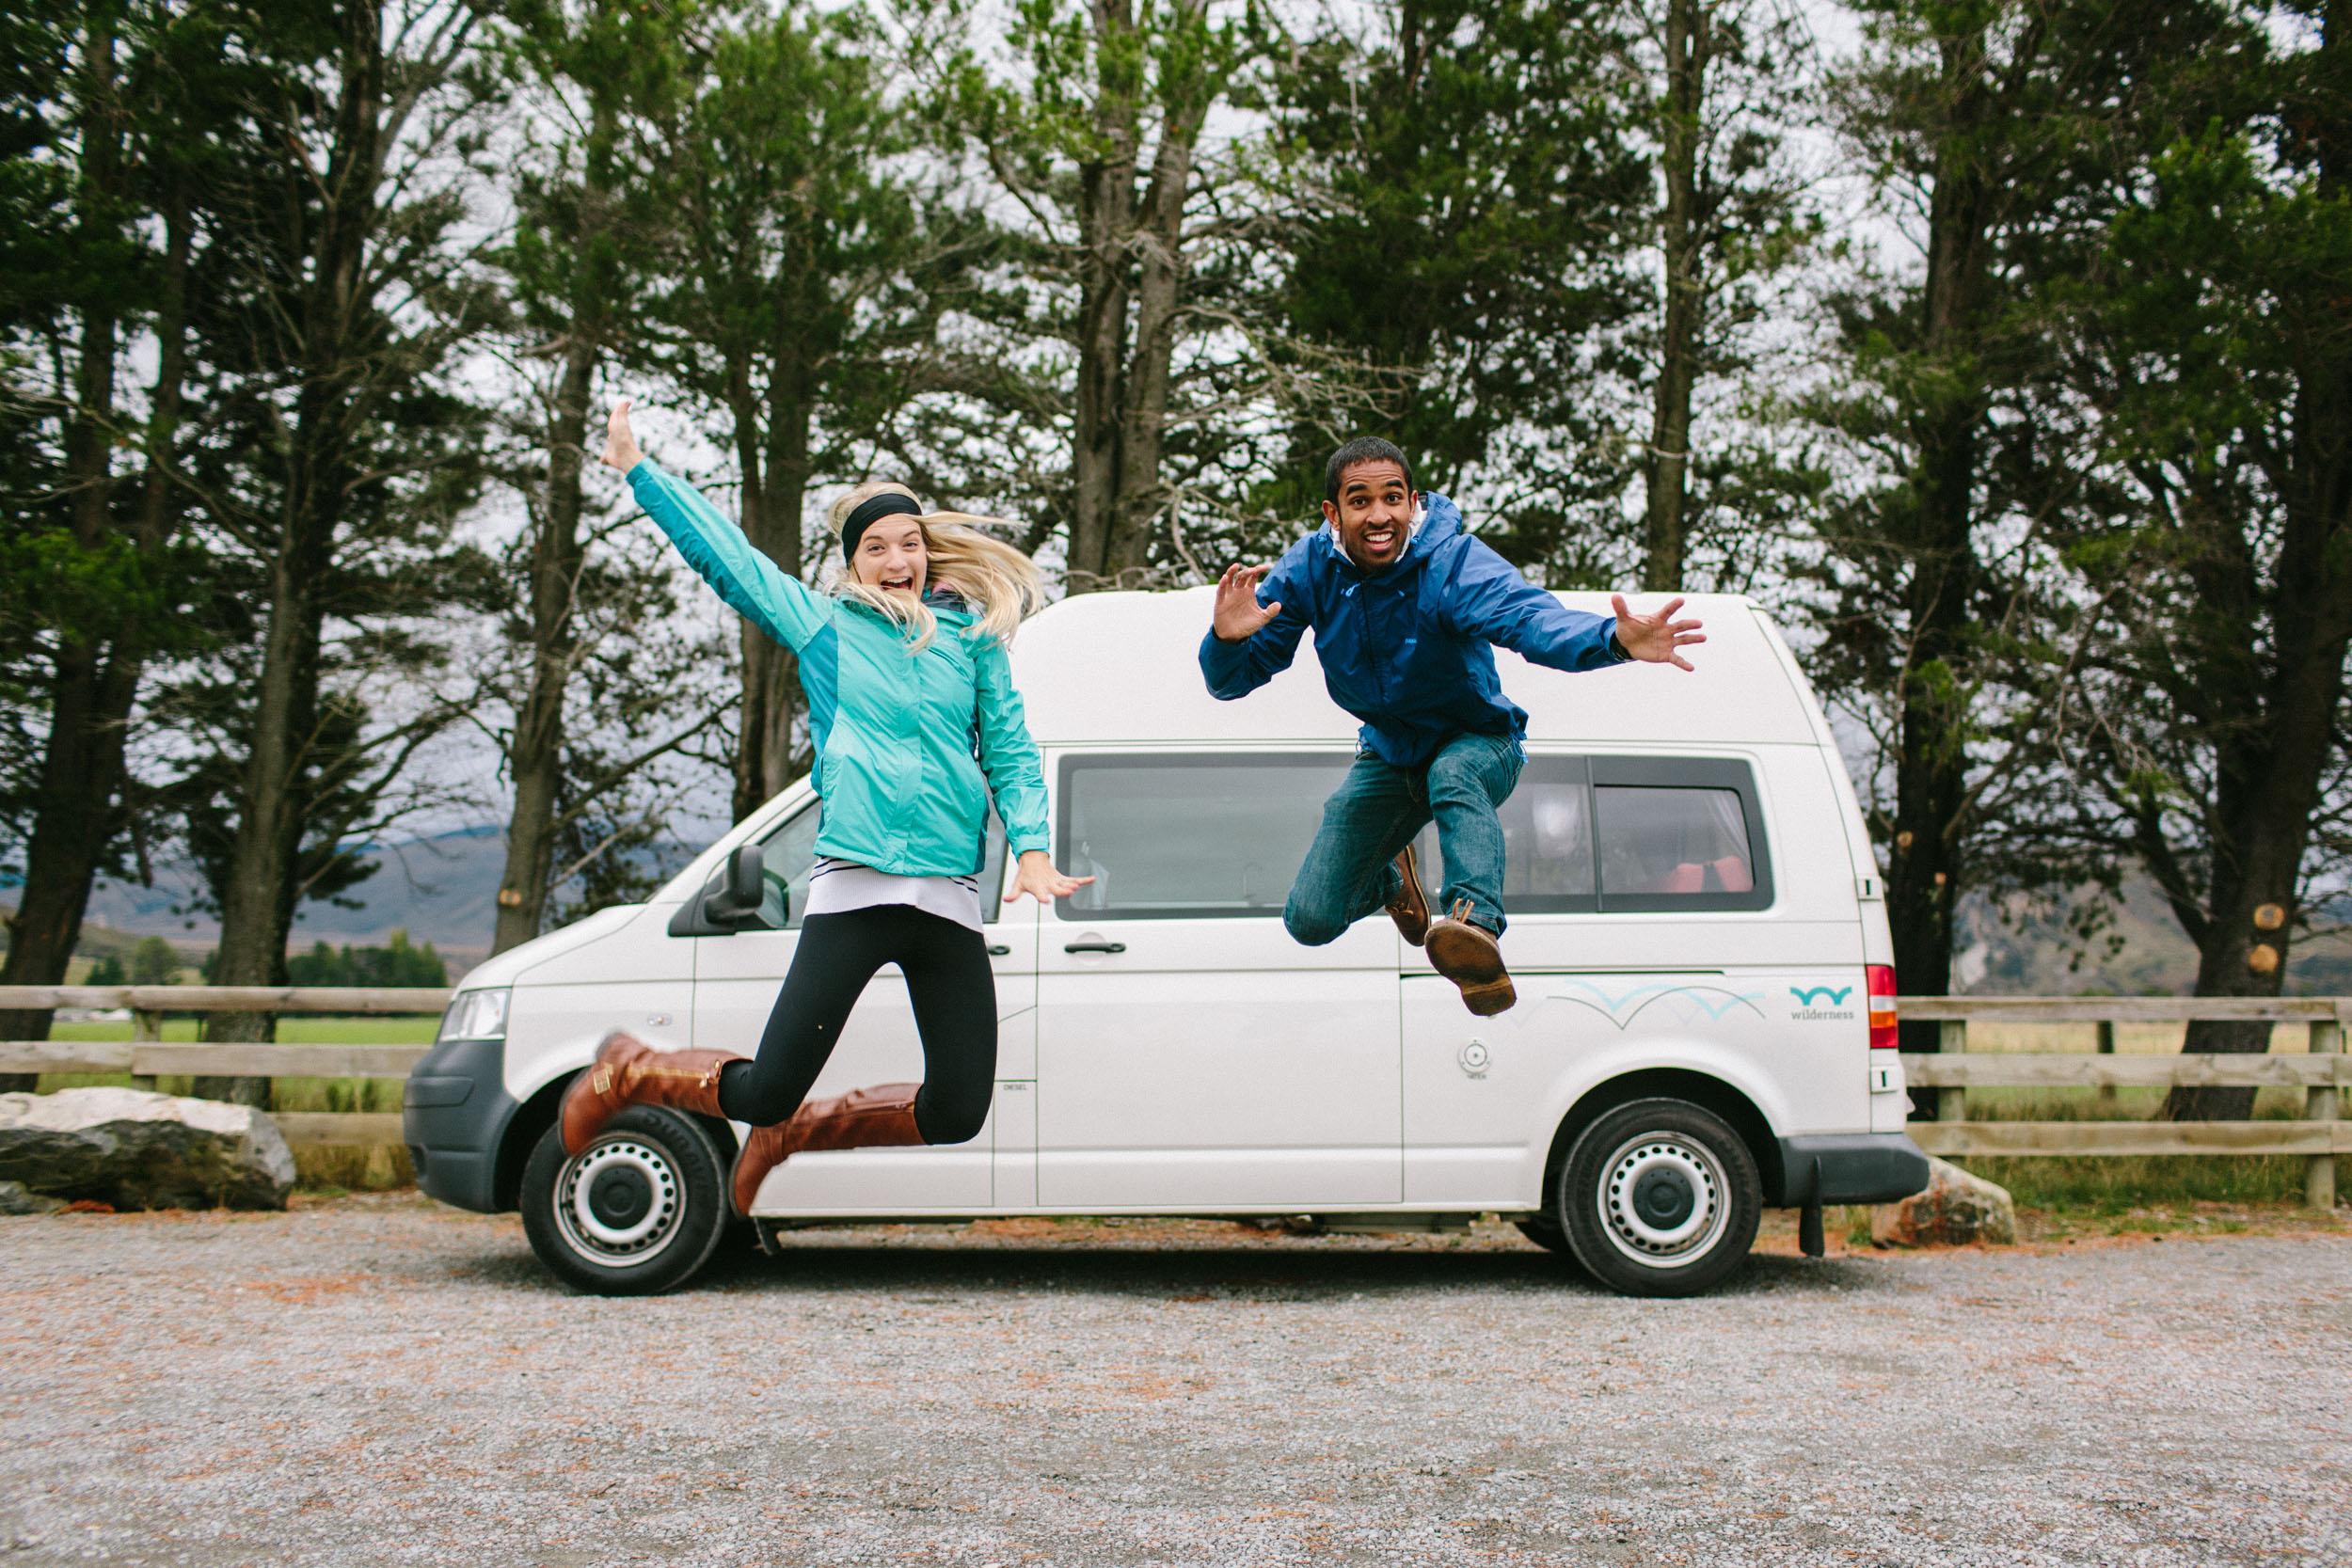 new-zealand-camper-van-roadtrip-005.jpg